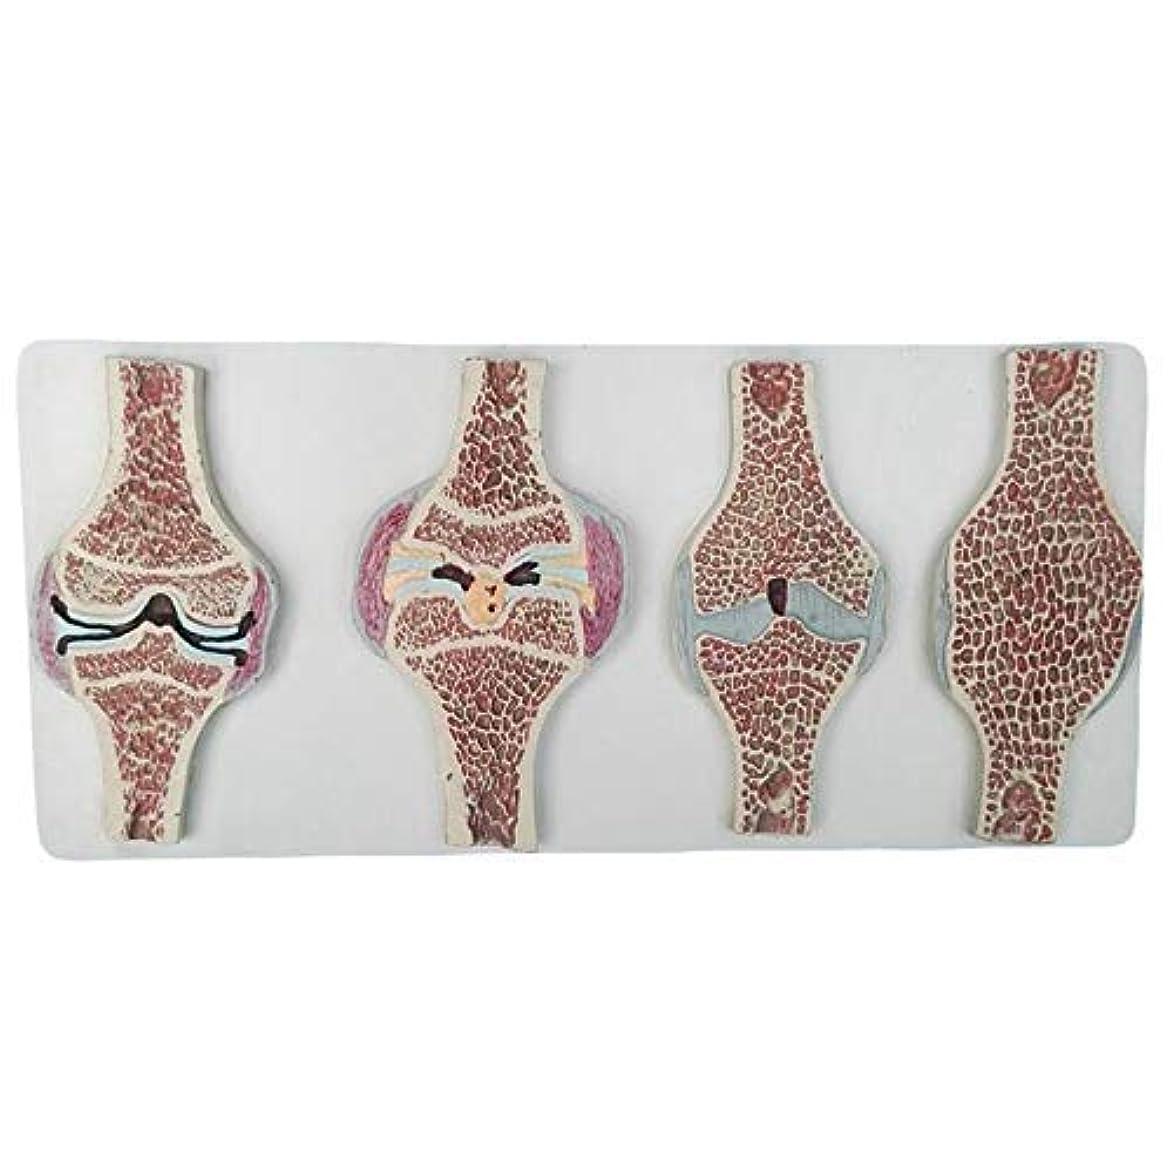 微弱歴史謝る教育モデル人間の膝関節断面解剖モデル人間の解剖学膝関節矢状断面モデル解剖学的人間の膝関節モデル比較モデル